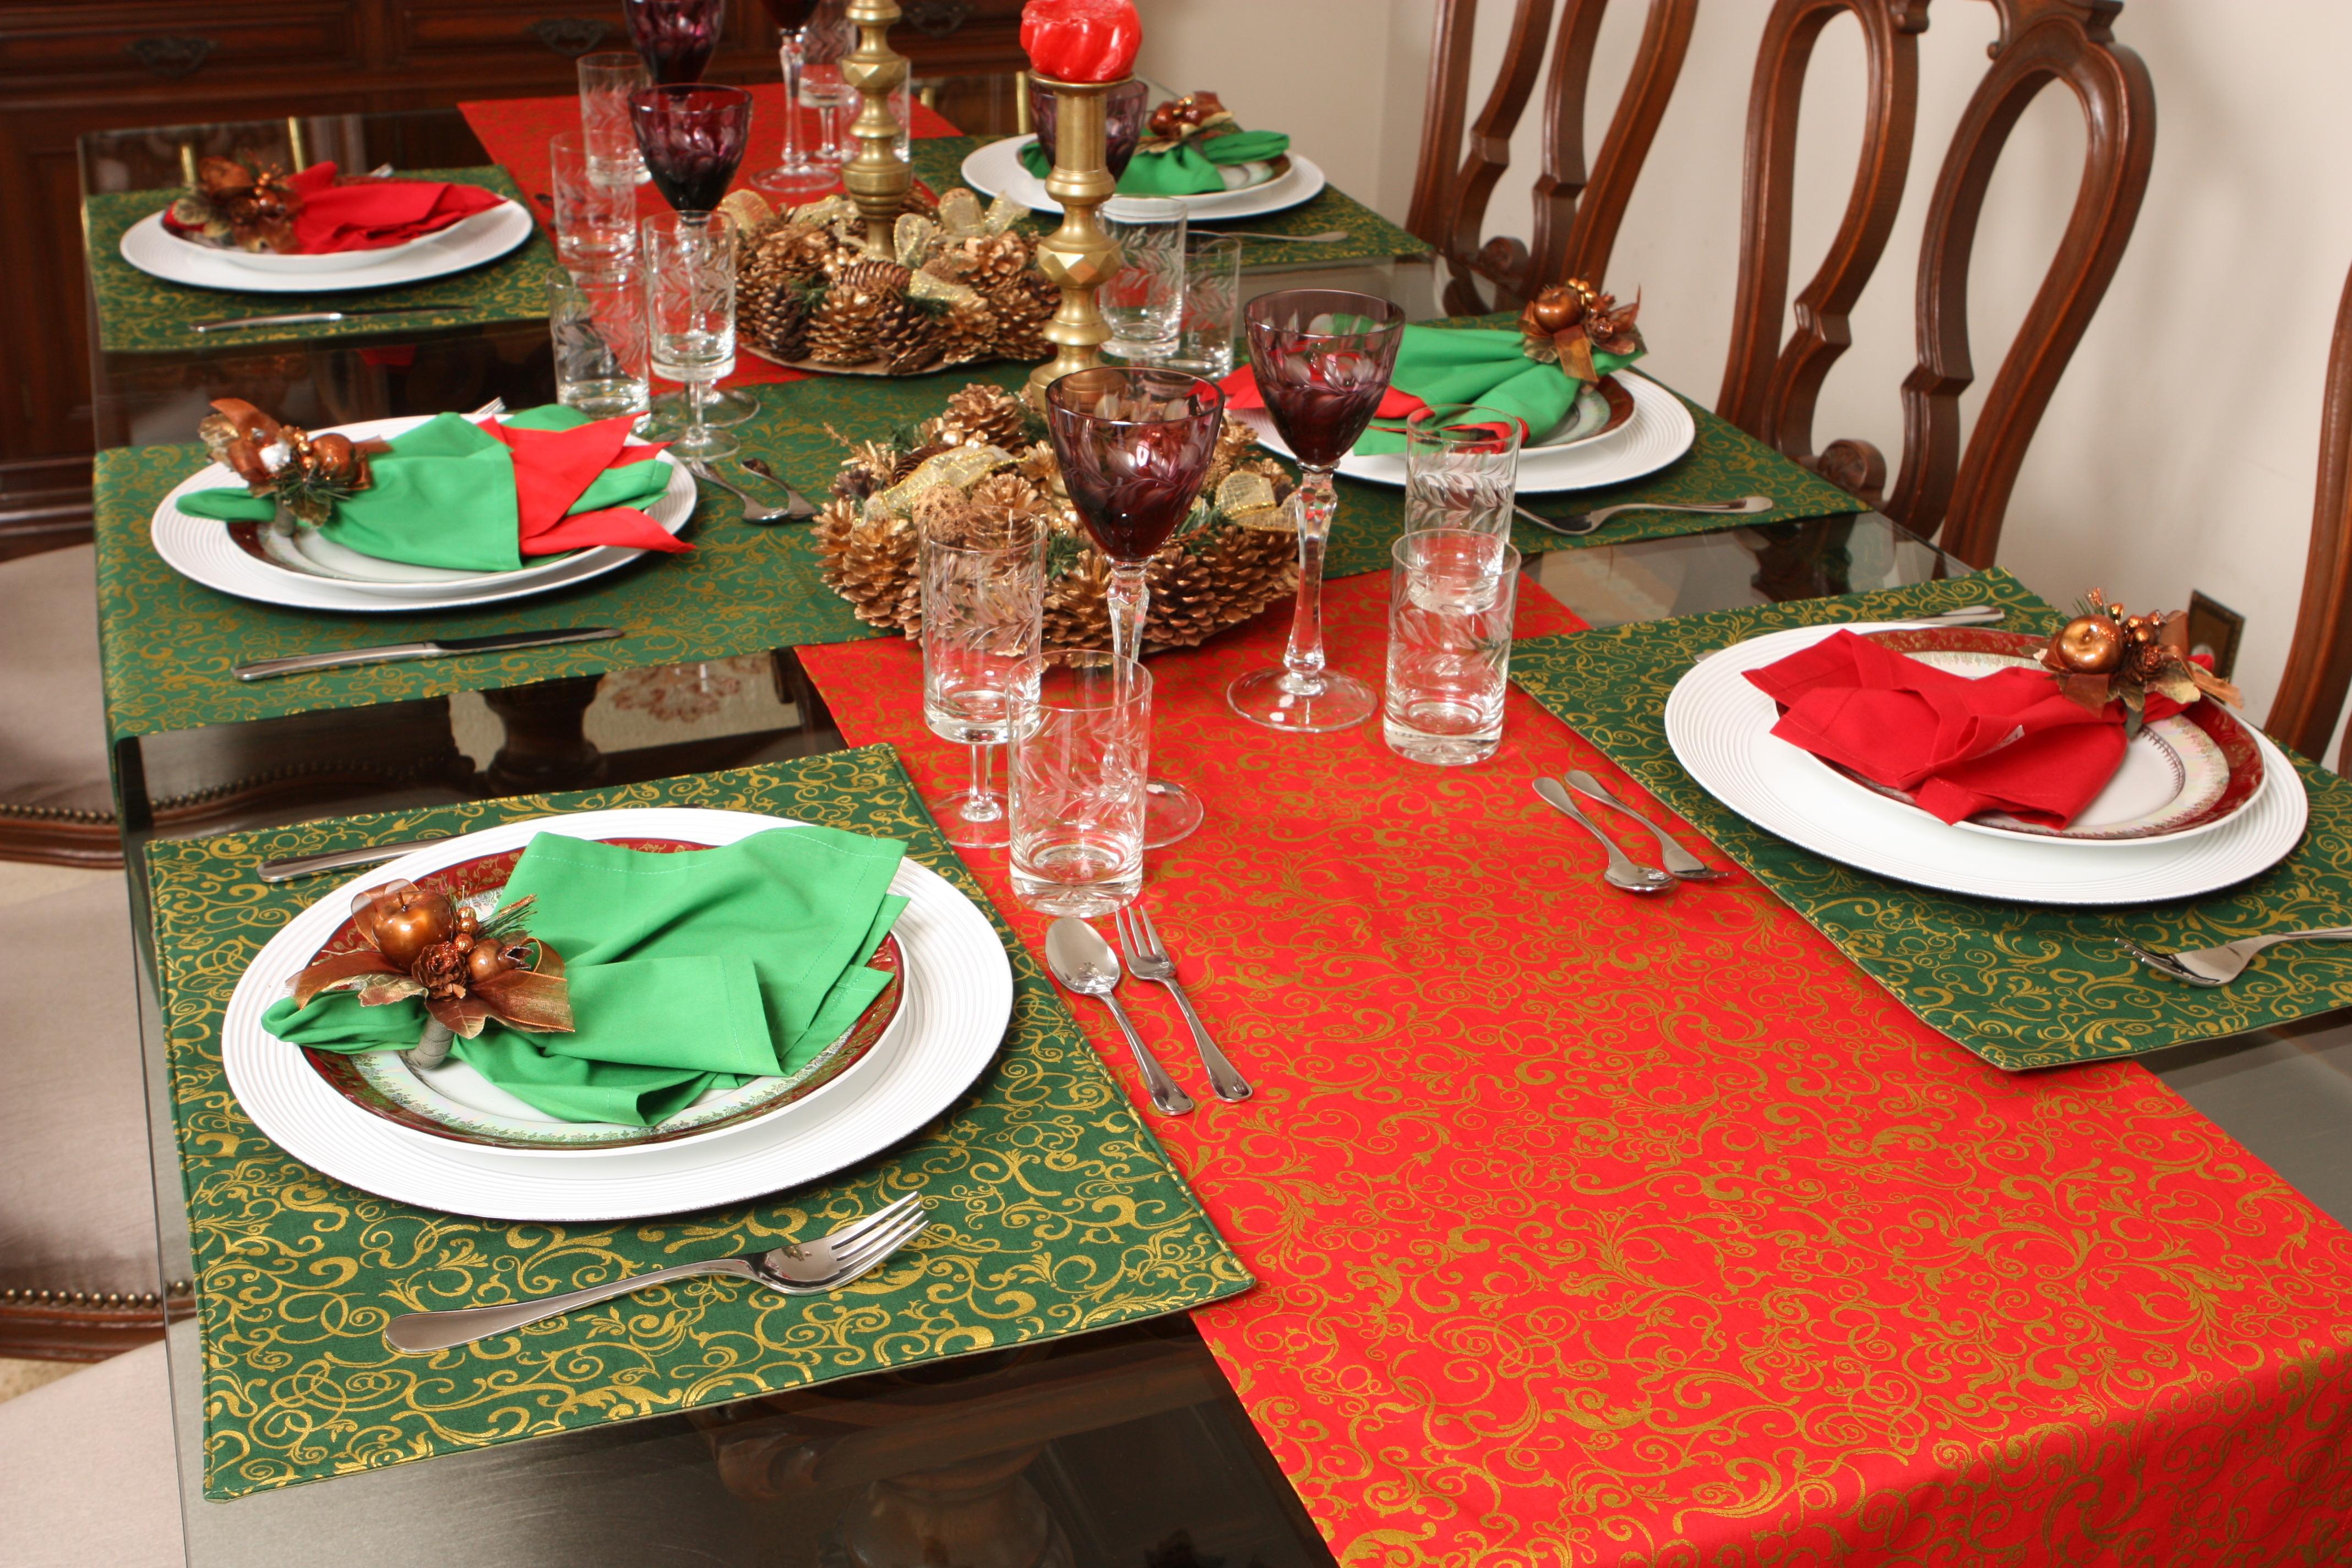 Especial Natal ~ Decoraç u00e3o da mesa me dá uma luz -> Decoração De Natal Para Mesa Quadrada